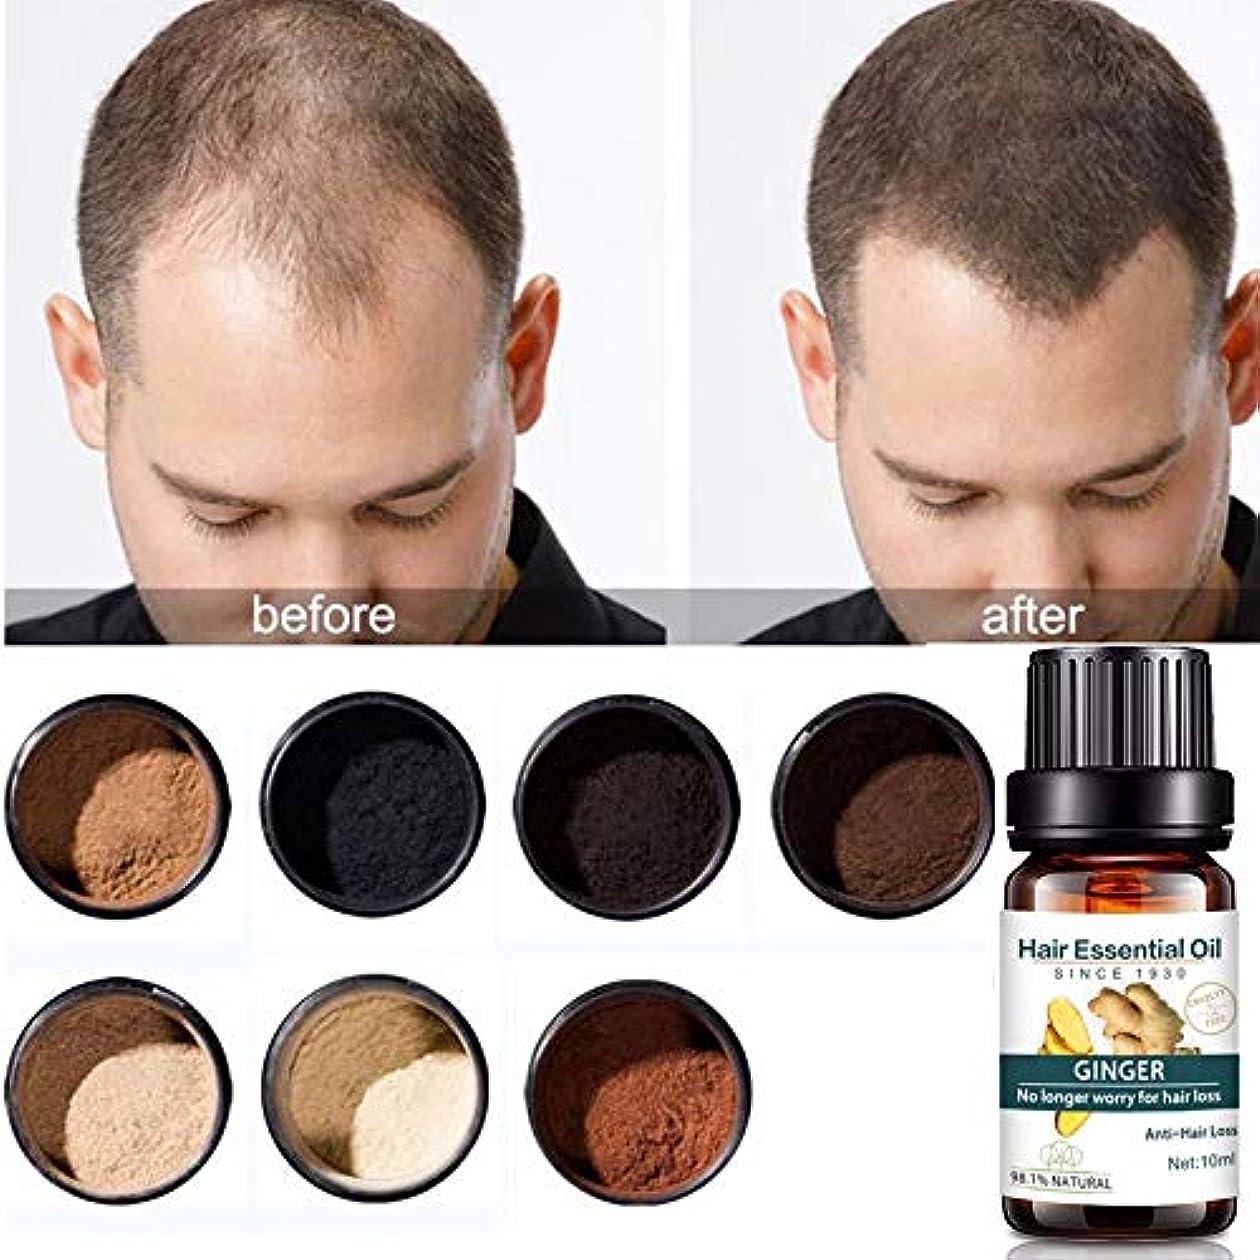 許さない太陽バック育毛トリートメントオイル、育毛セラム、育毛ジンジャーオイル、抜け毛を防止、育毛促進